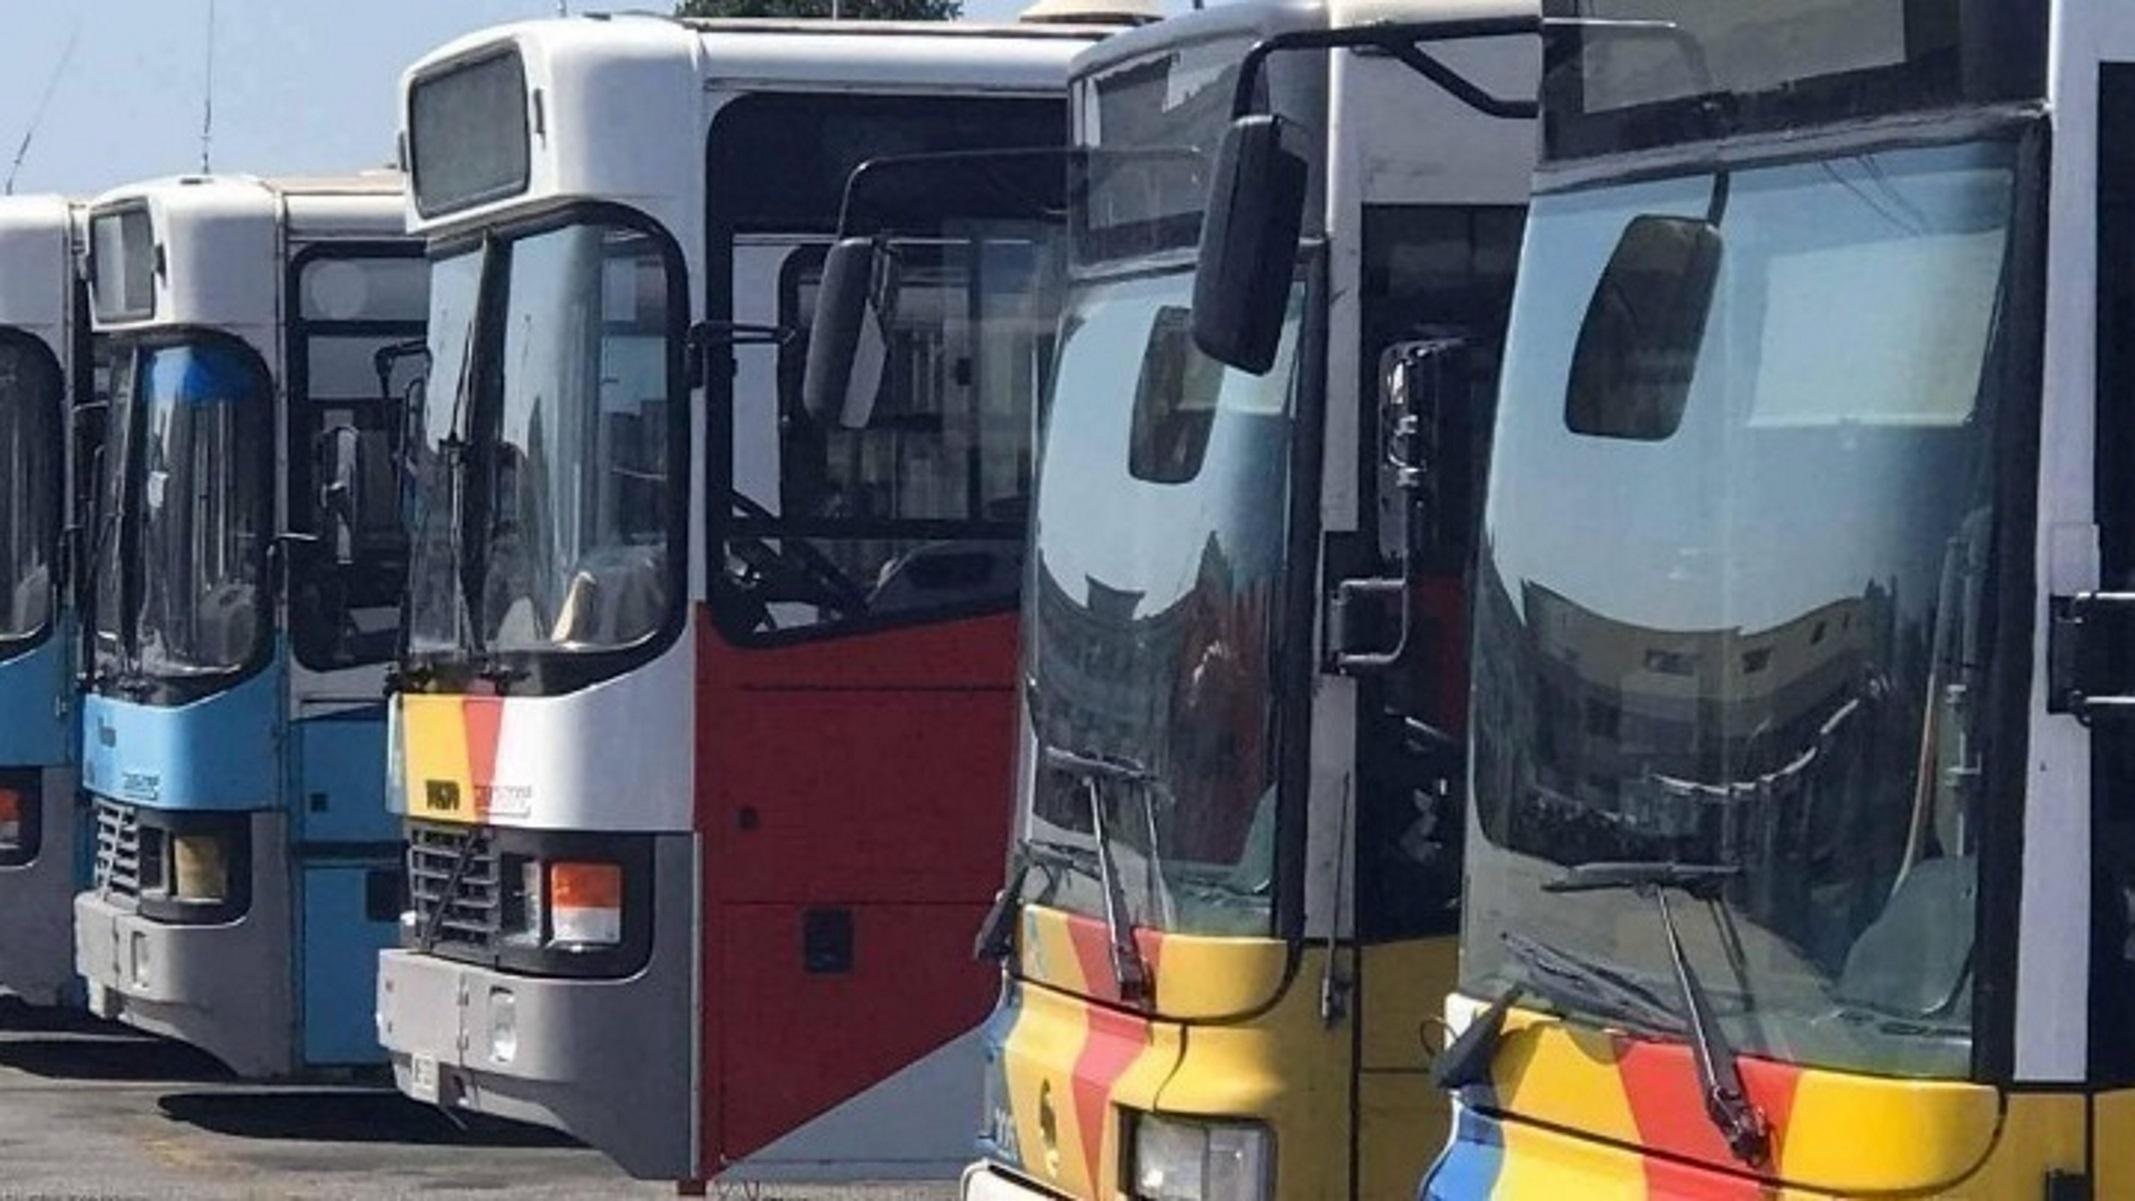 ΟΑΣΘ: Νέα λεωφορεία στους δρόμους της Θεσσαλονίκης